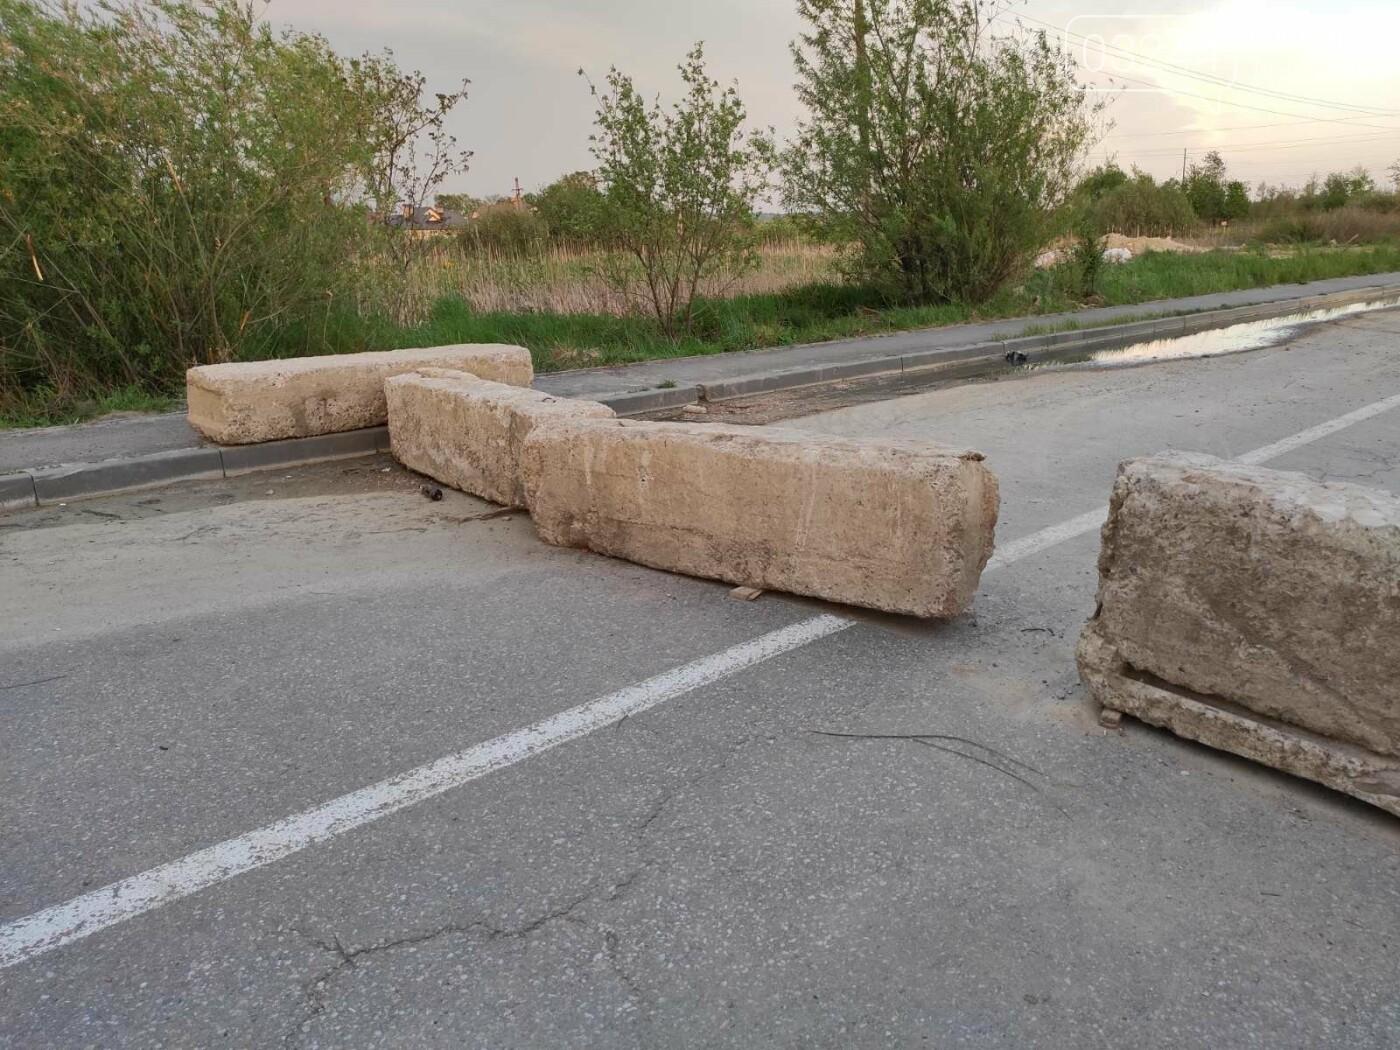 Проїзду немає! На дорозі Дрогобич - Трускавець закрили шлагбаум, - ФОТО, фото-6